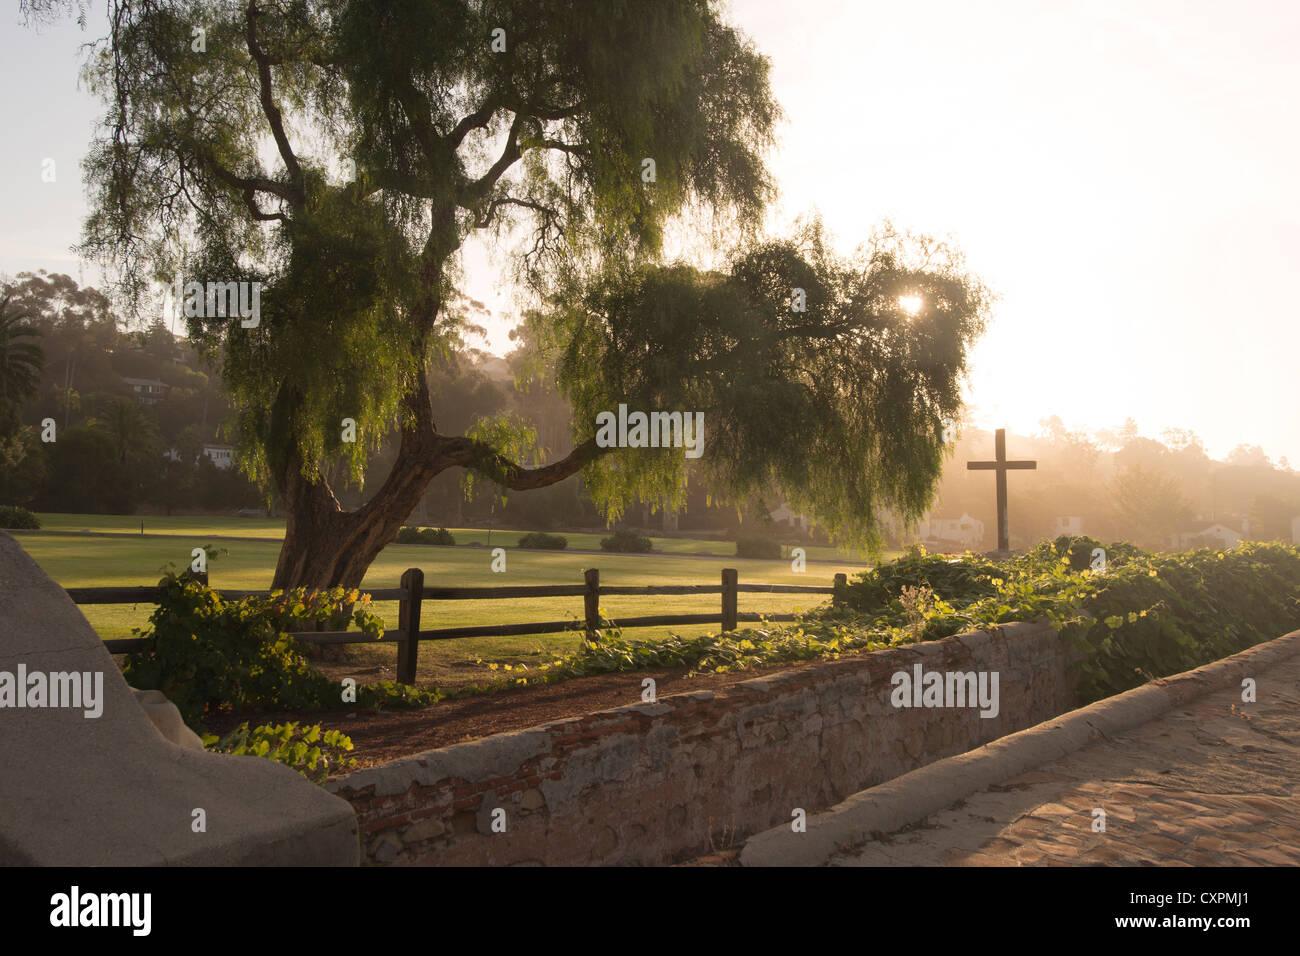 Croce a motivo della missione di Santa Barbara Regina delle Missioni a Santa Barbara in California centrale USA Immagini Stock